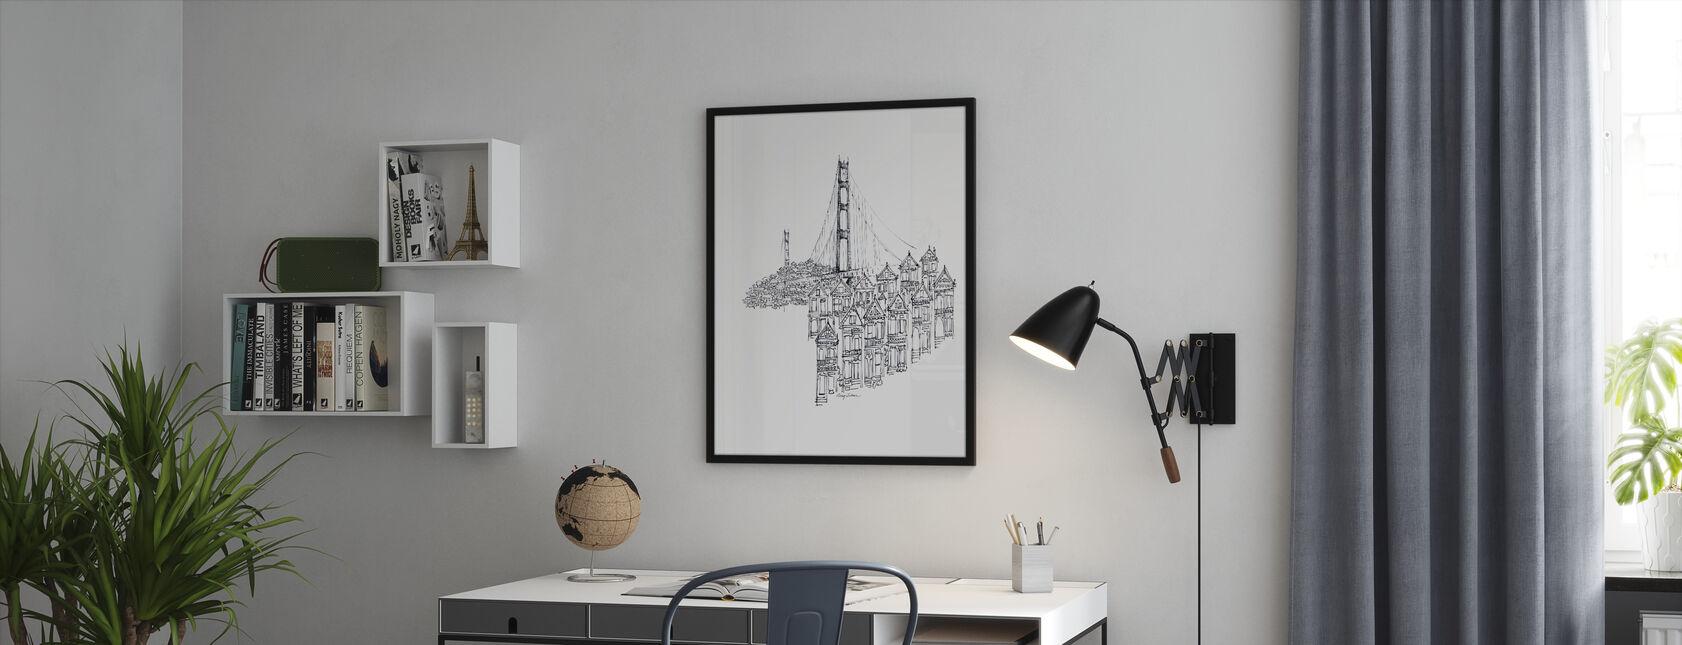 Avery Tillmon - Golden Gate - Framed print - Office